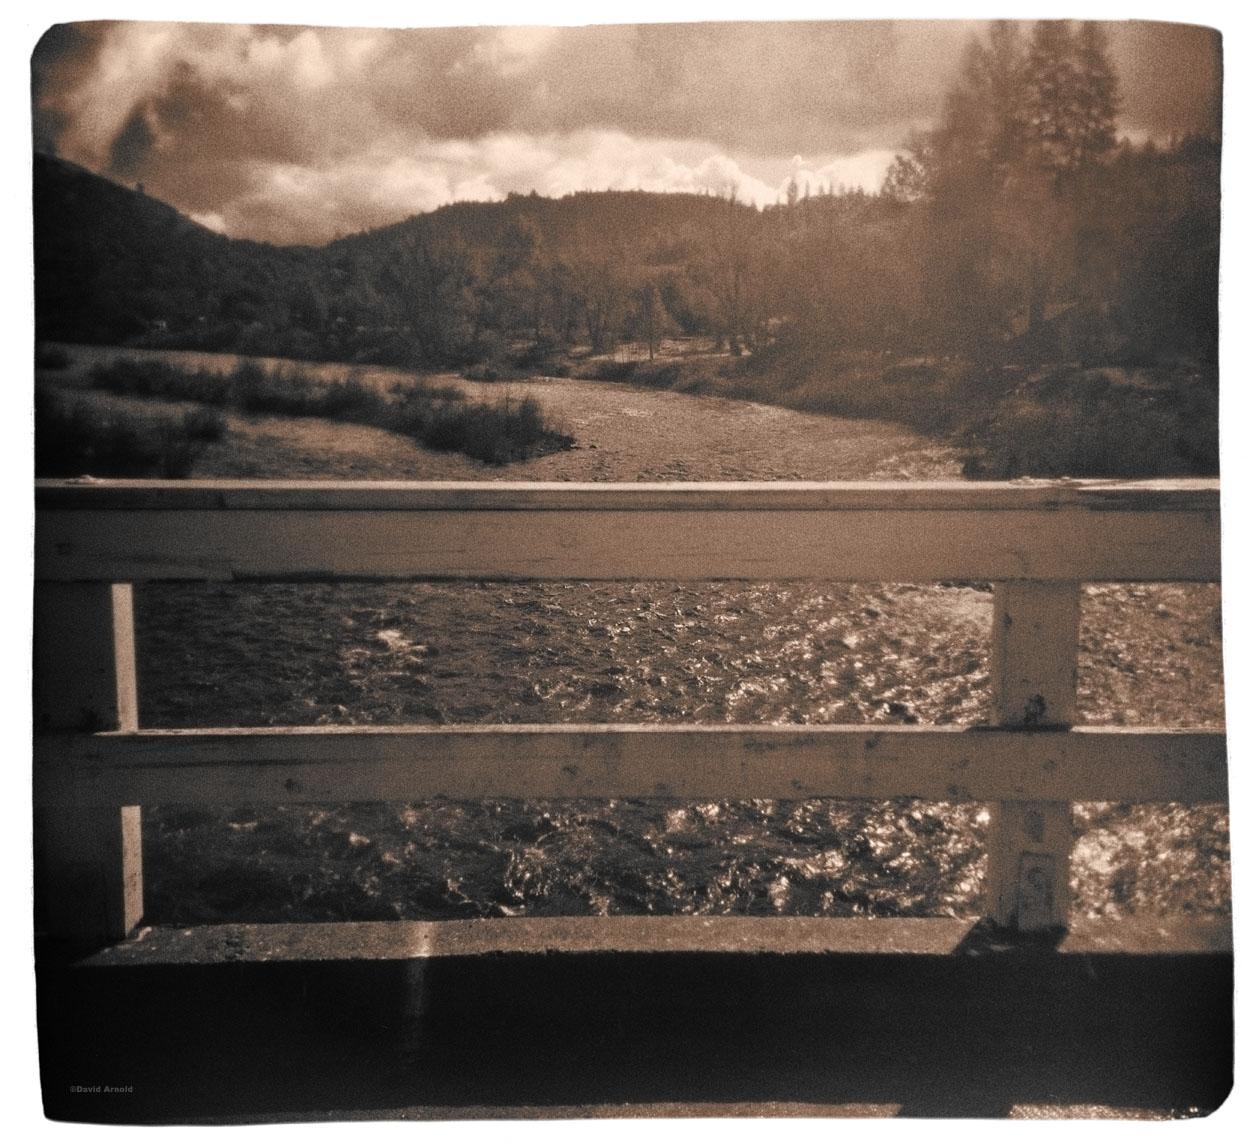 Bridge Over the American River, Colma, El Dorado County, California